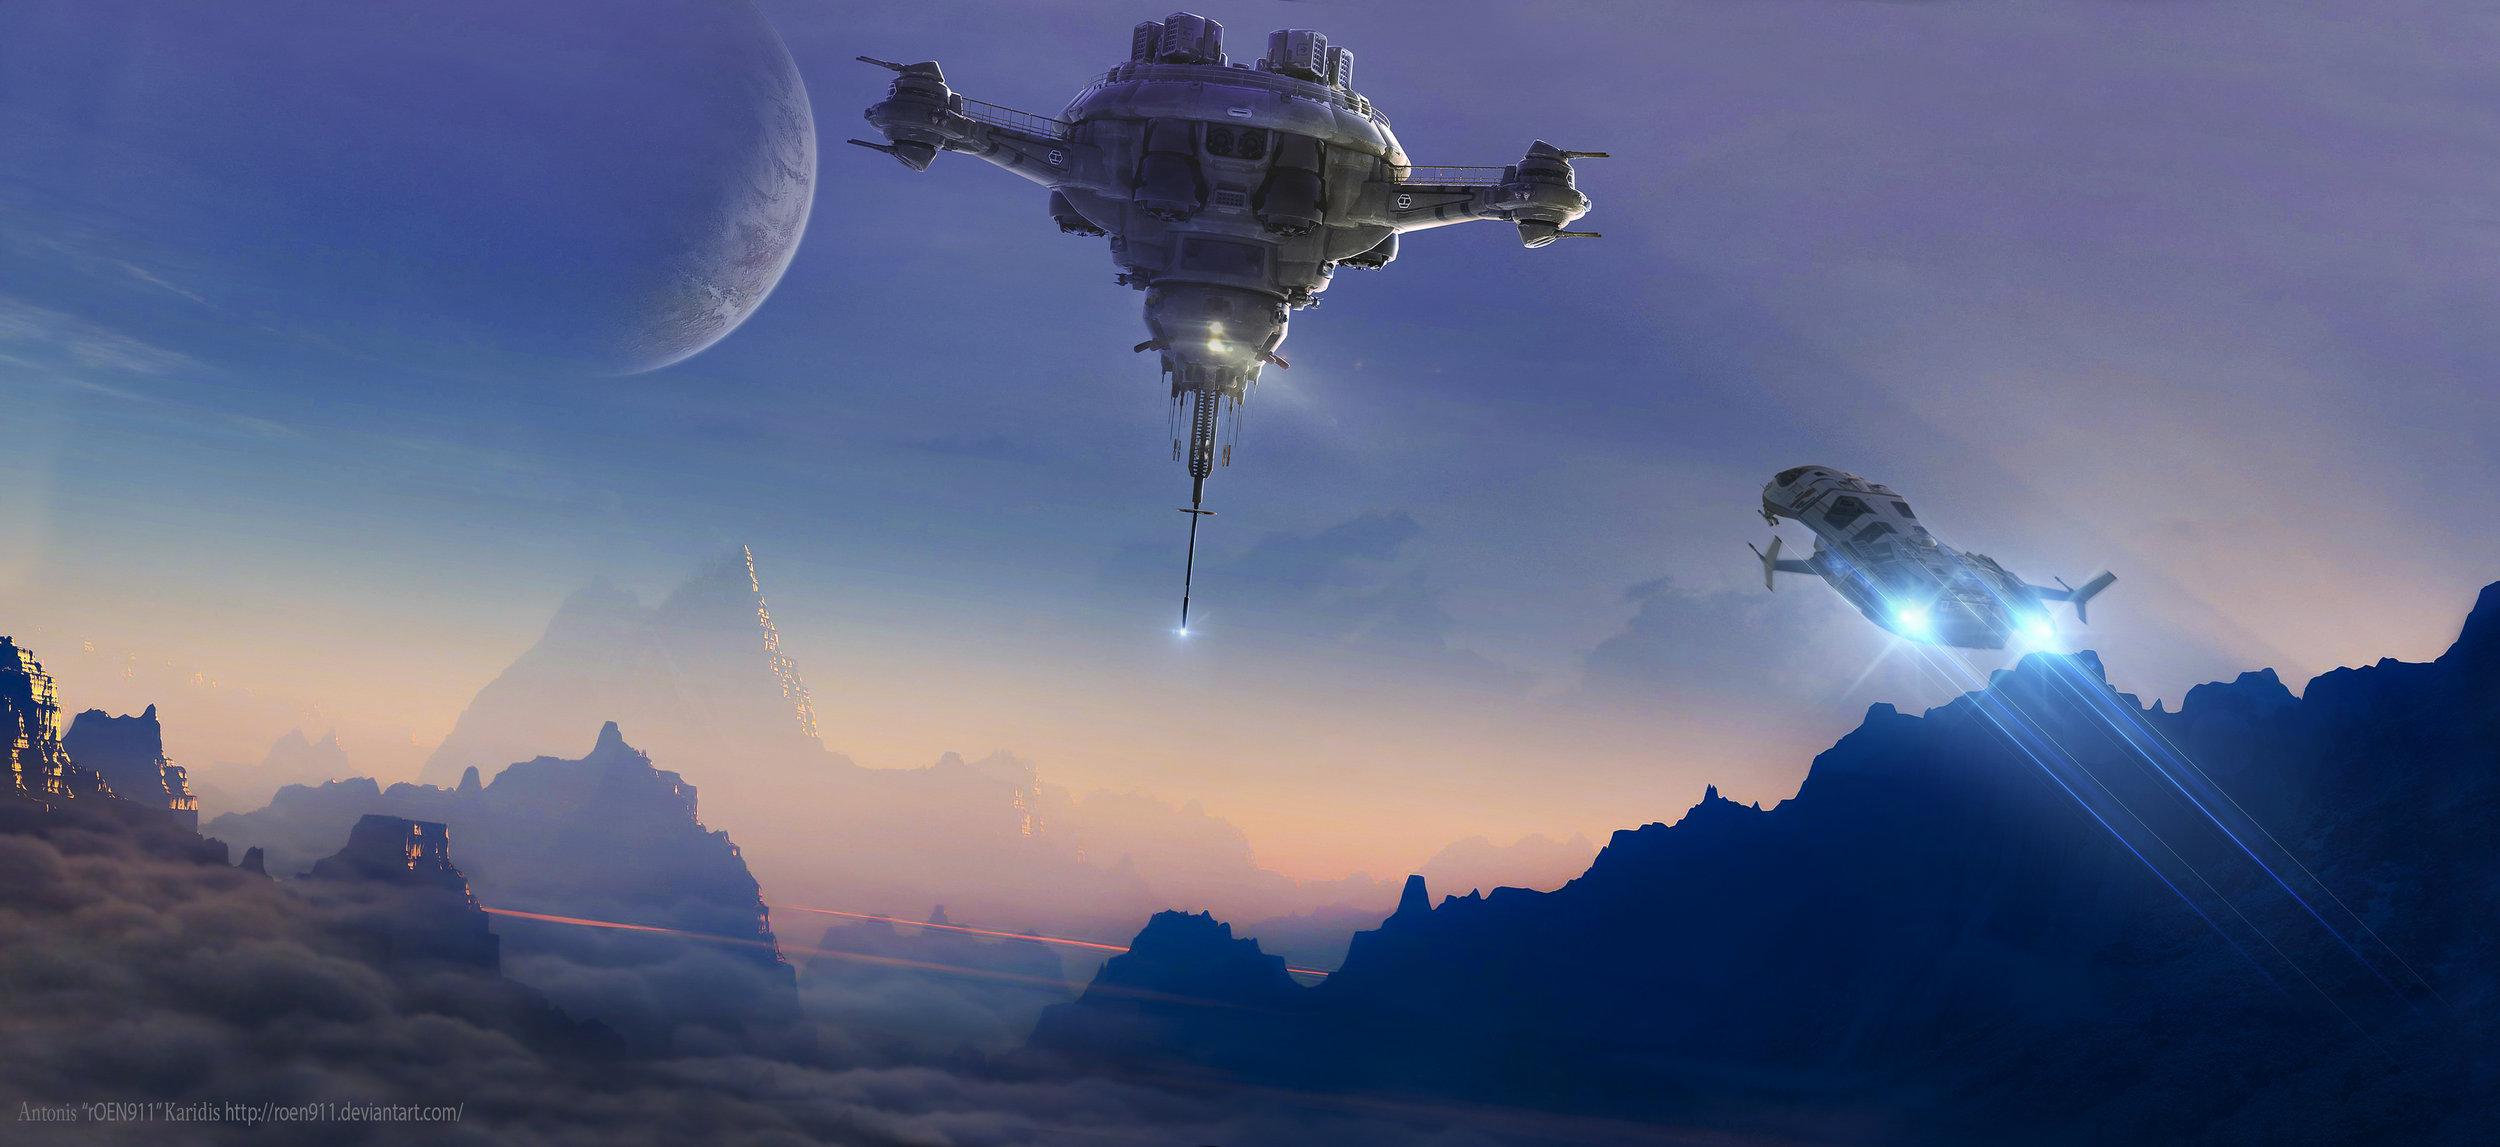 1403-approaching-the-base-antonis-karidis